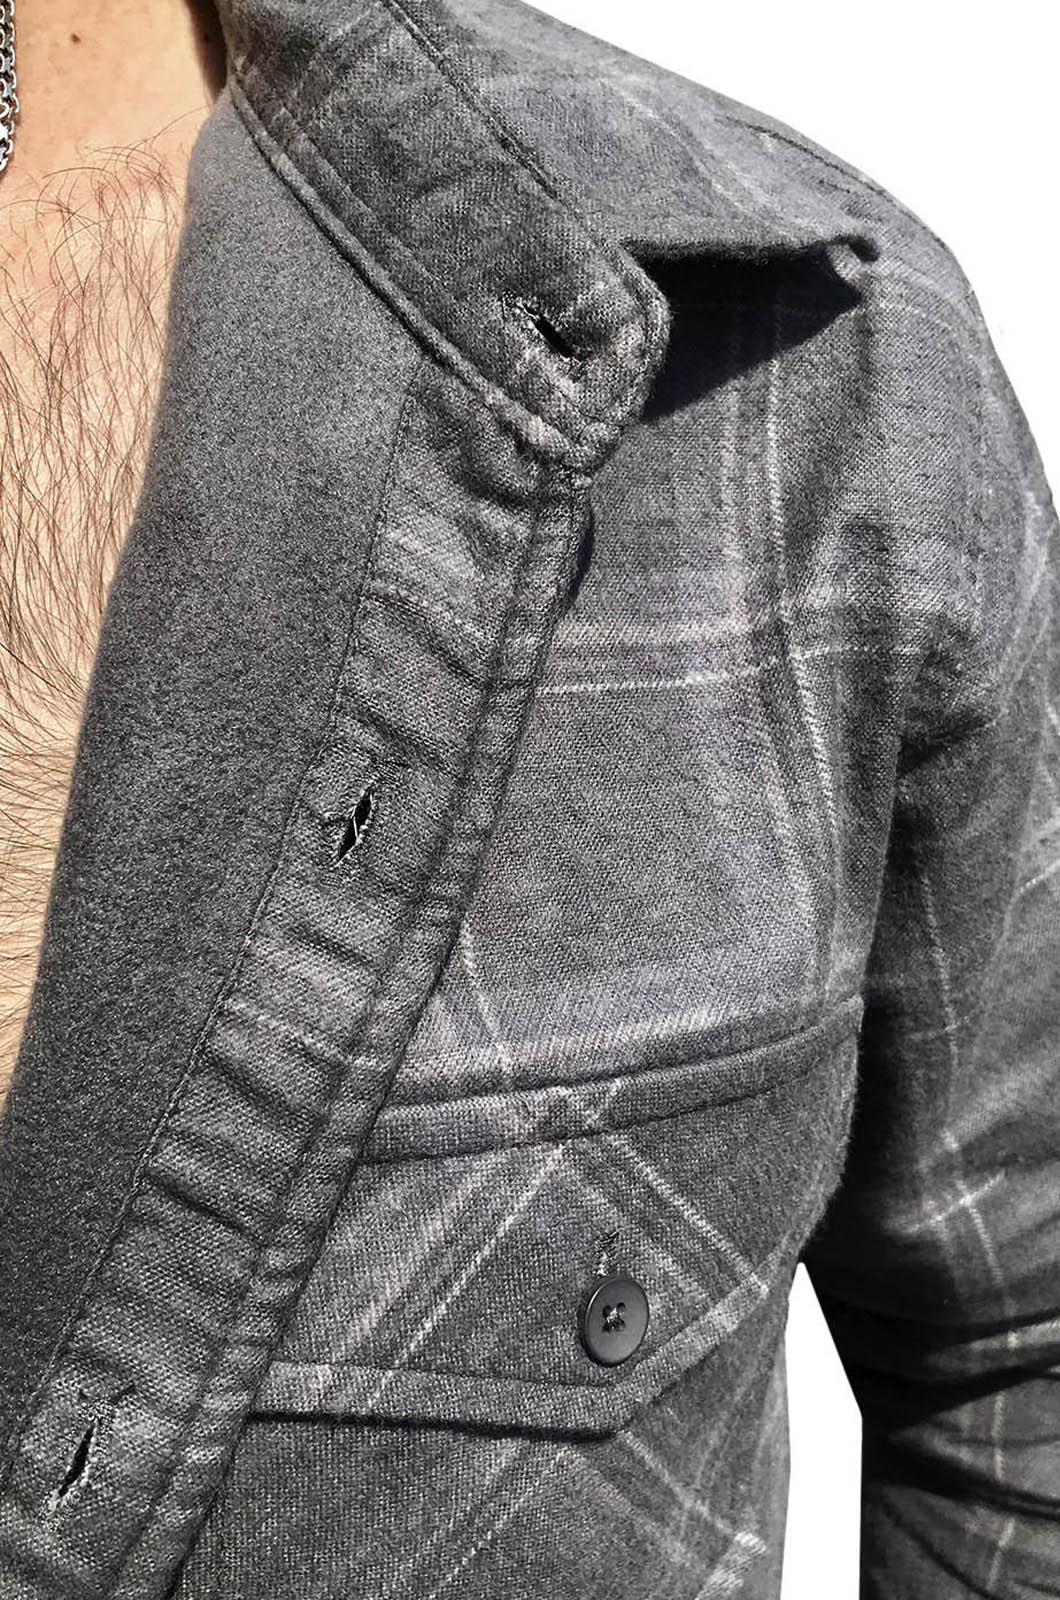 Стильная клетчатая рубашка с вышитым полевым шевроном Новороссия - купить в подарок